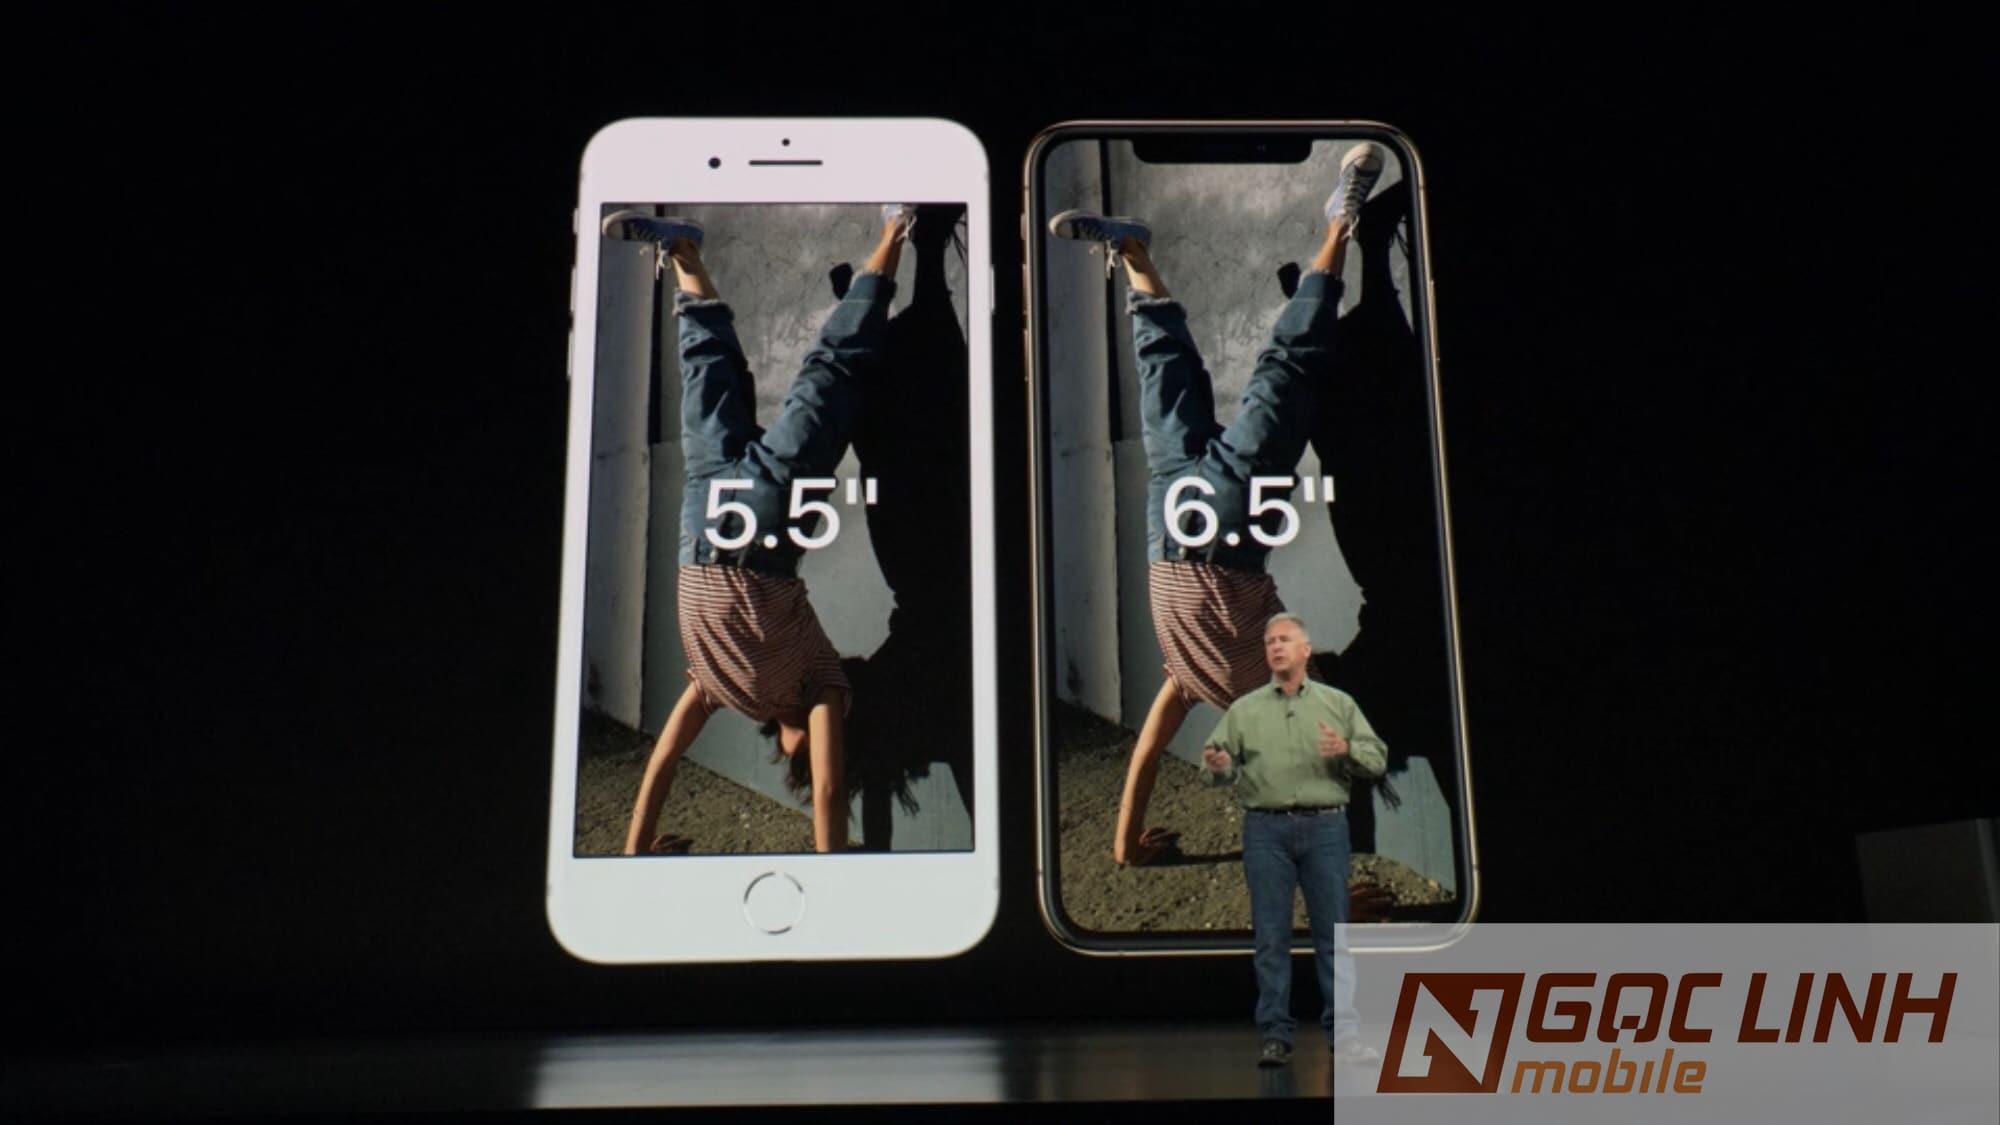 iphone Xs Max iphone xs max - Siêu phẩm công nghệ 2018, iPhone Xs Max